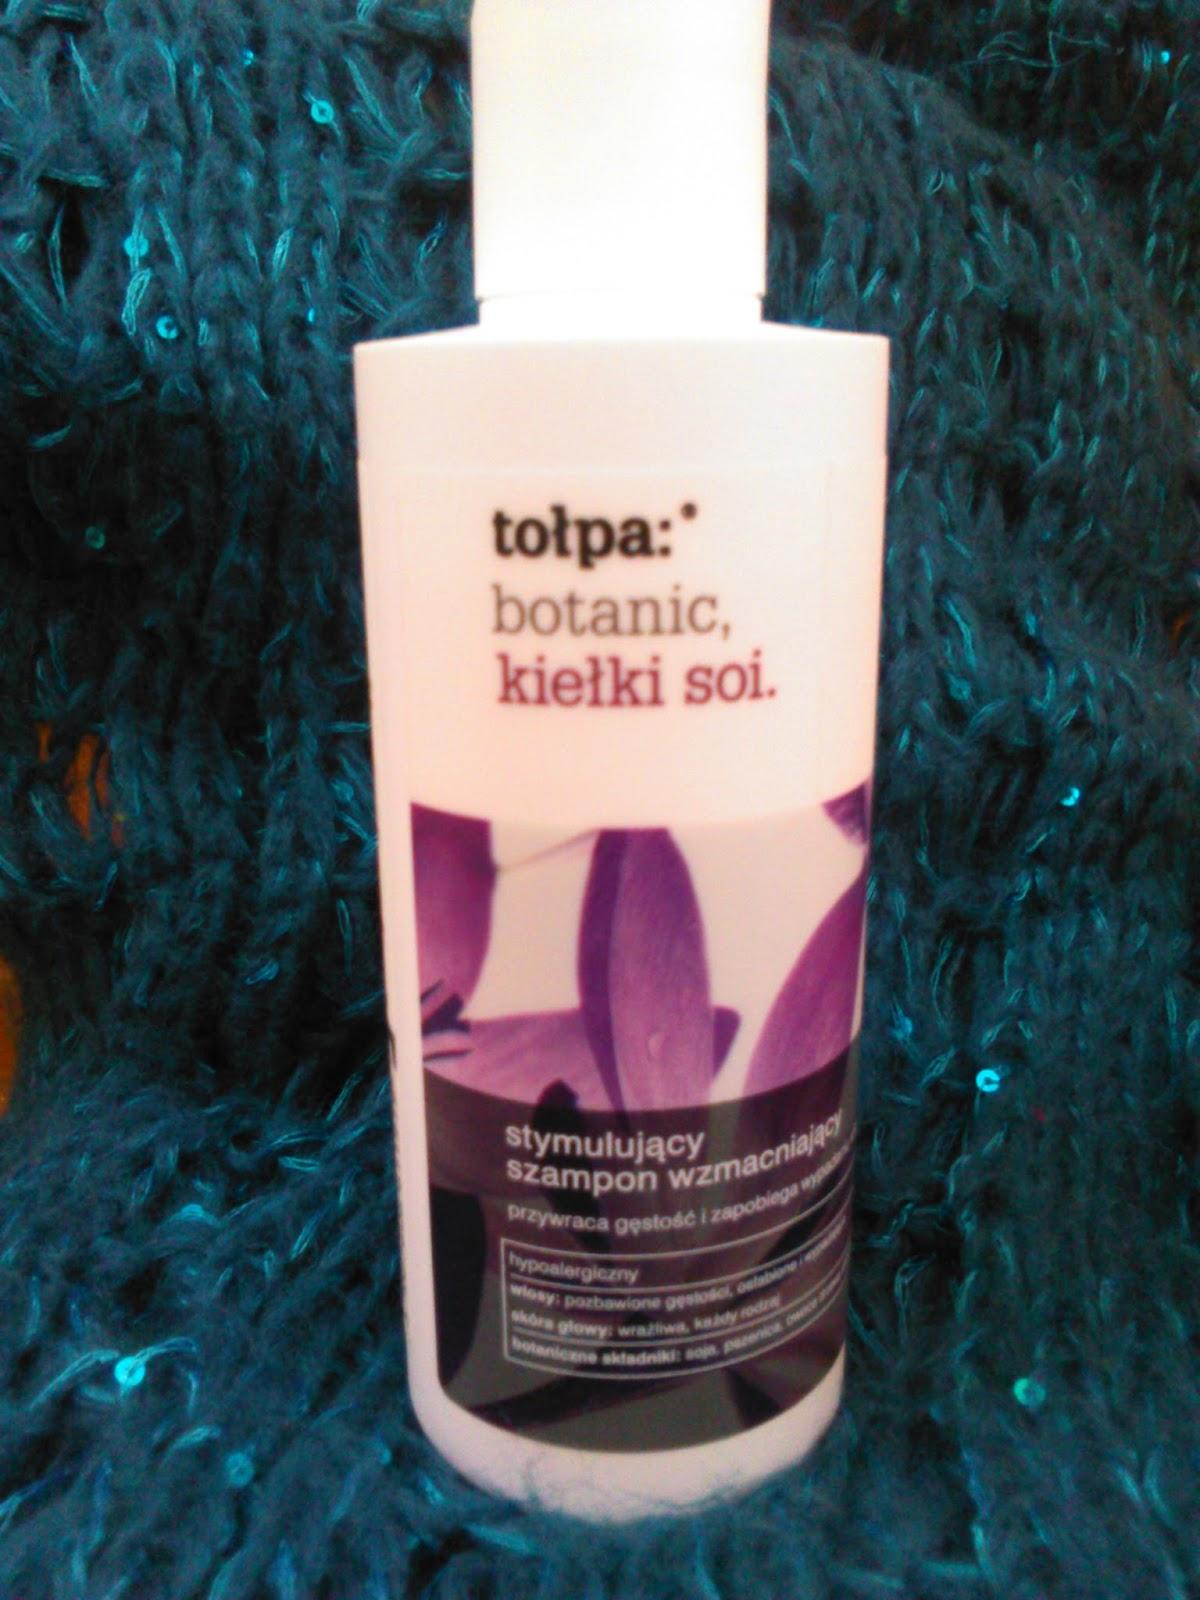 tołpa: botanic, kiełki soi. szampon stymulujący